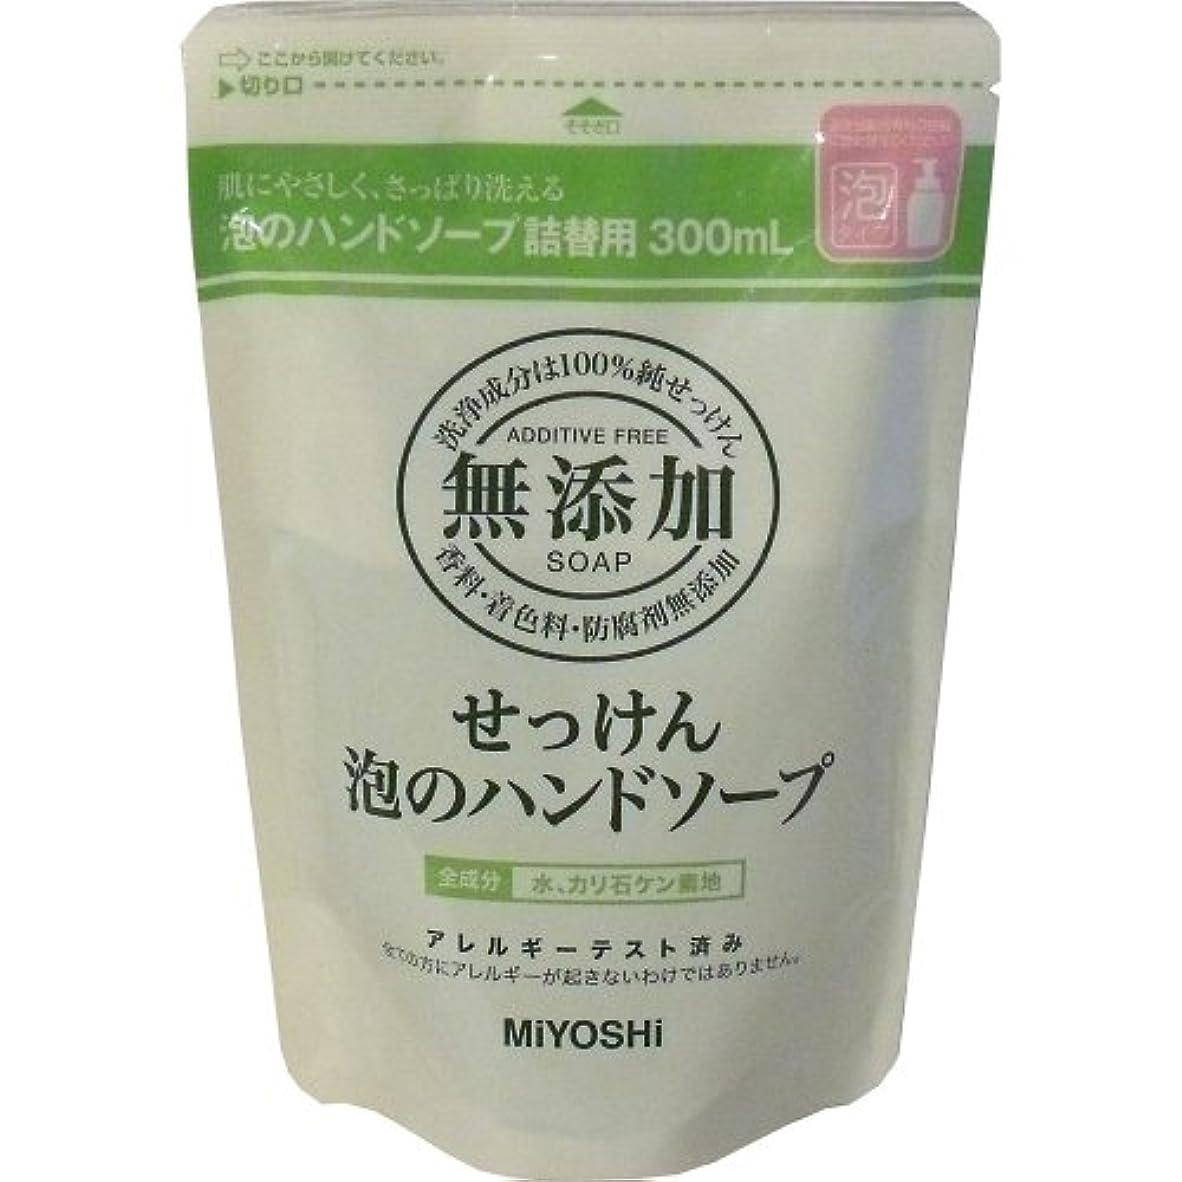 最少好奇心盛一握りミヨシ石鹸 無添加せっけん泡ハンドソープ 詰替用300ml×5